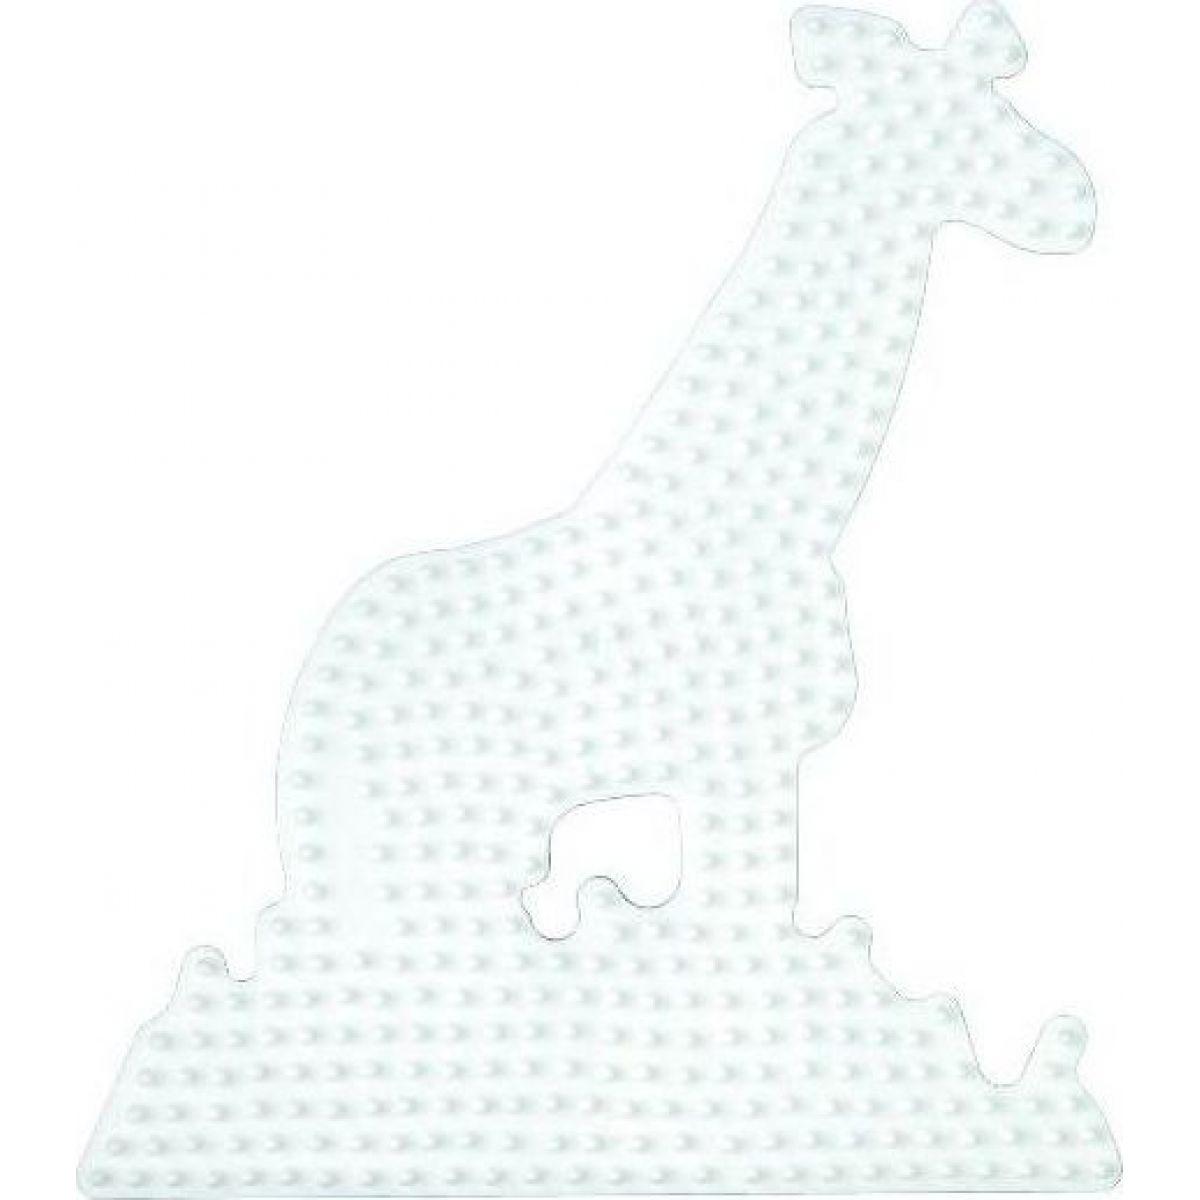 Hama H292 Podložka žirafa